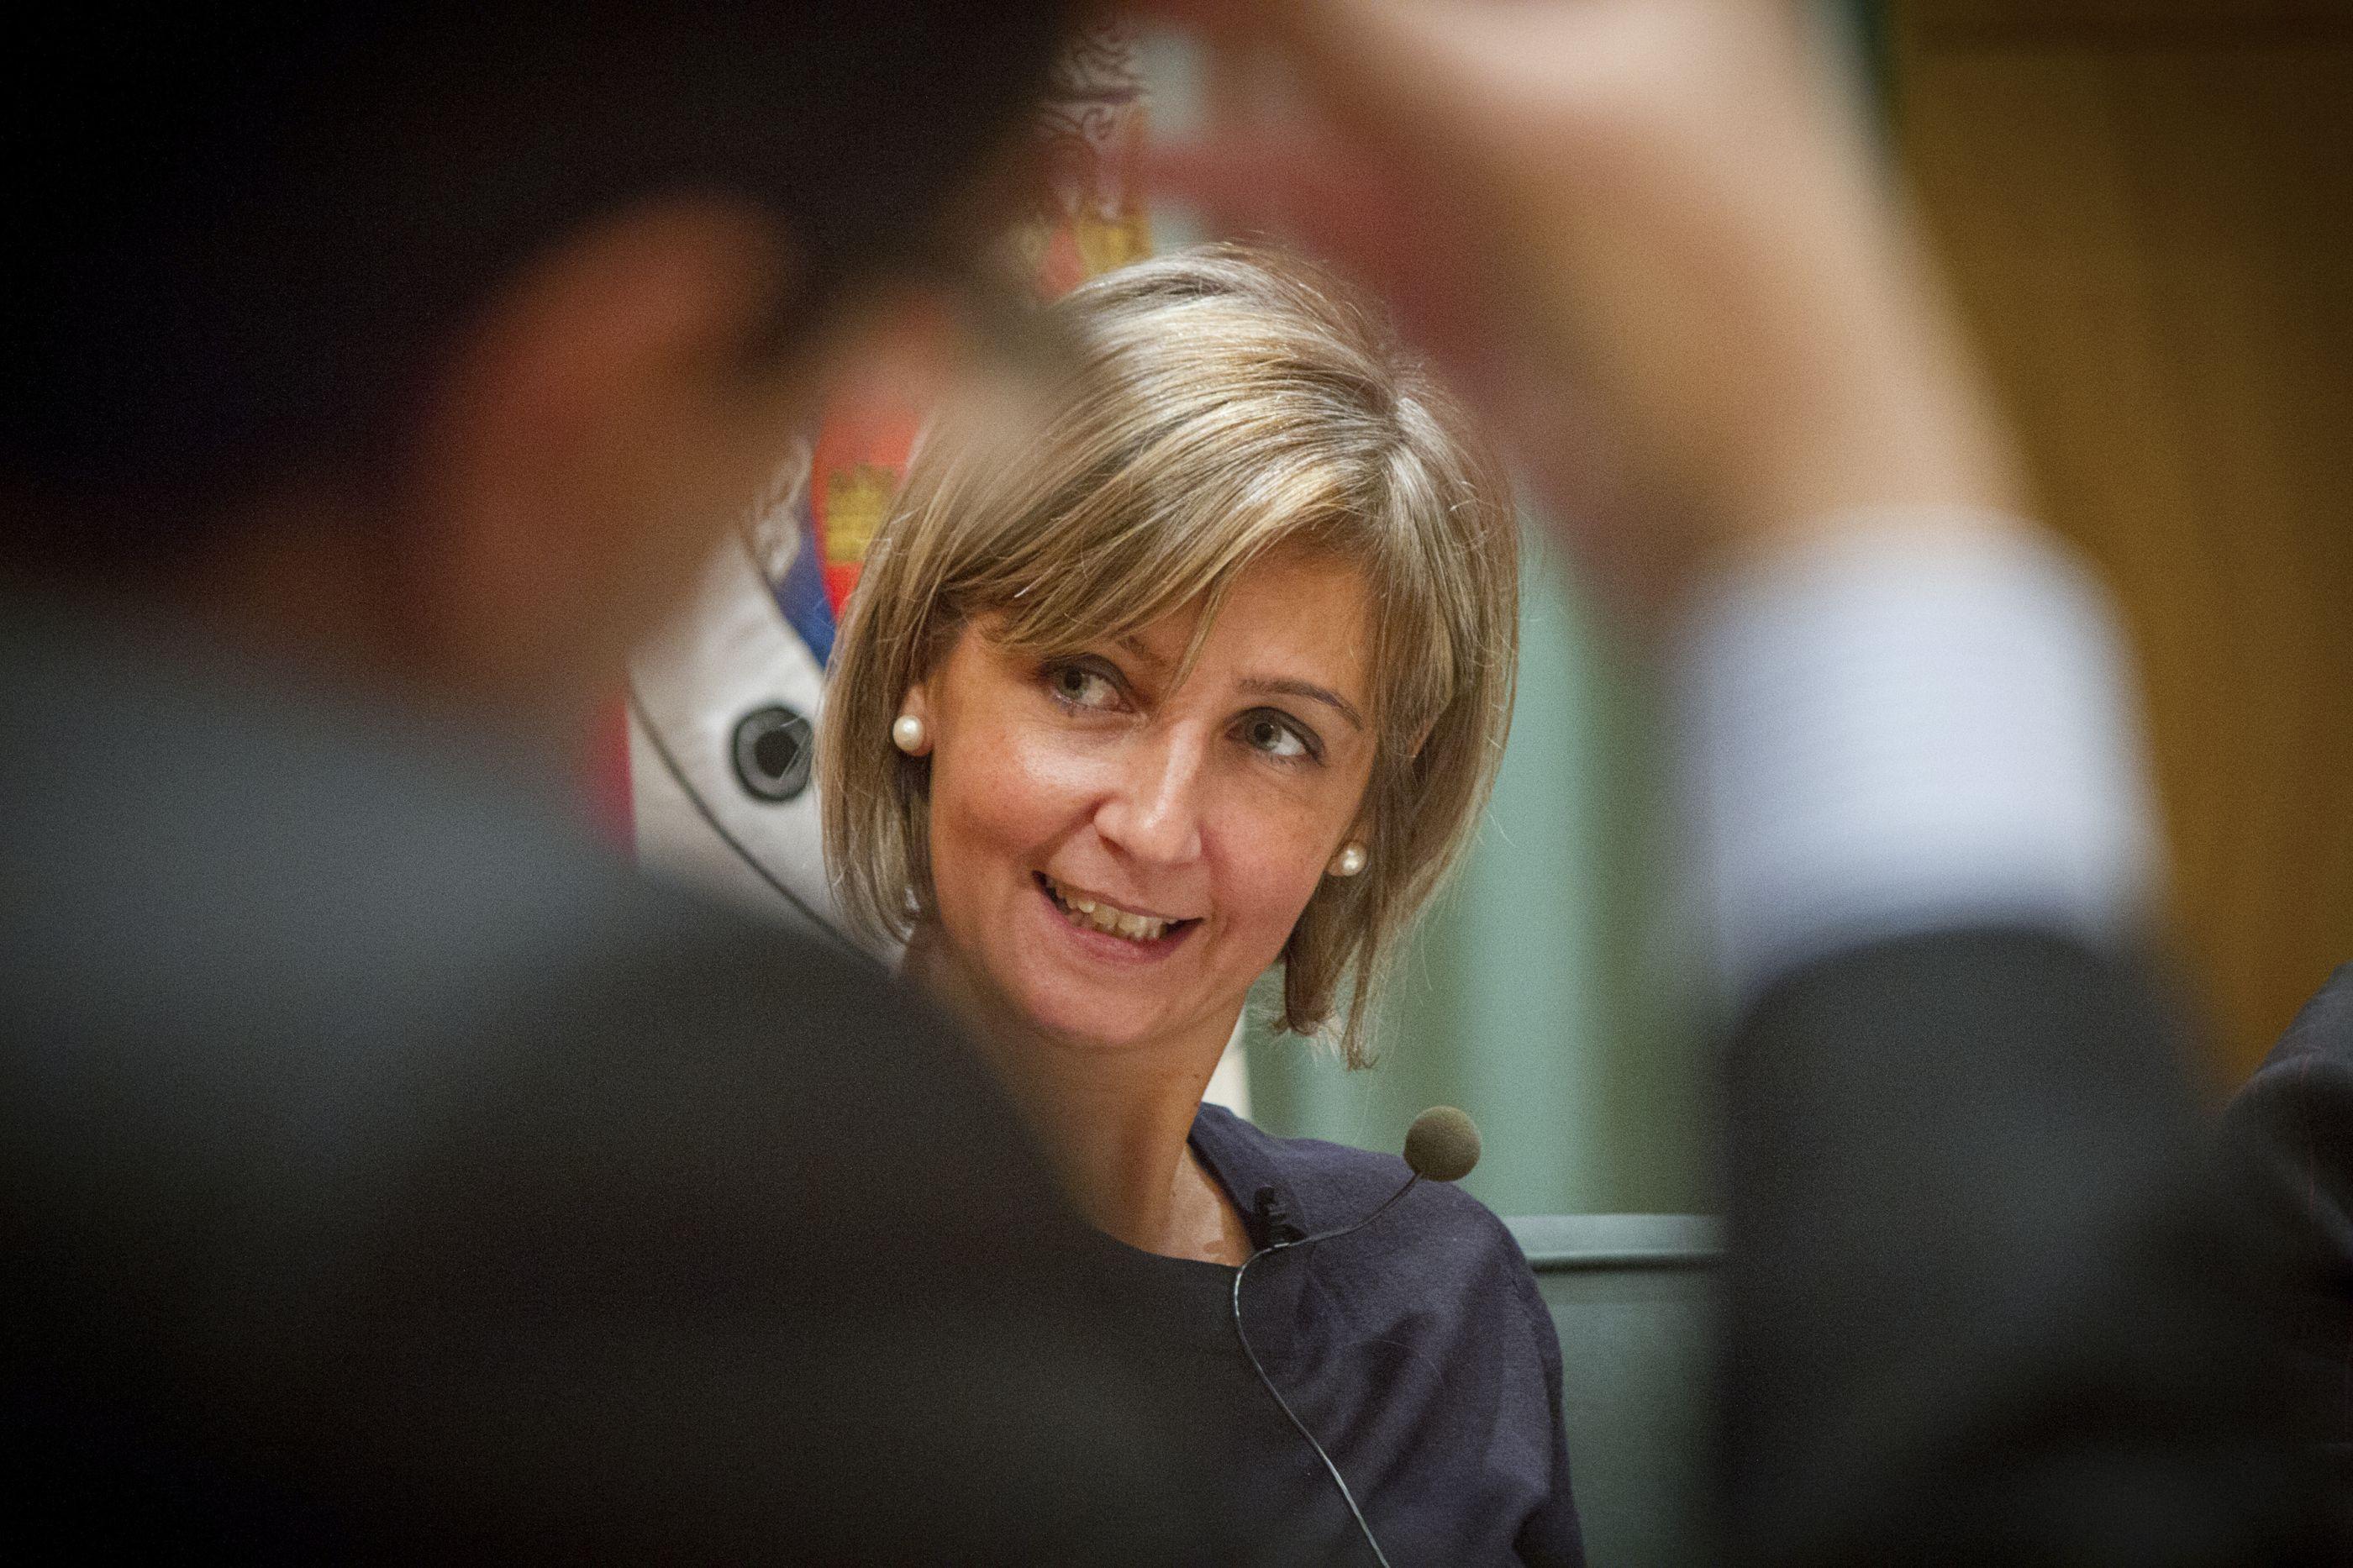 Ministra da Saúde surpreendida com aprovação de vacinas pelo parlamento